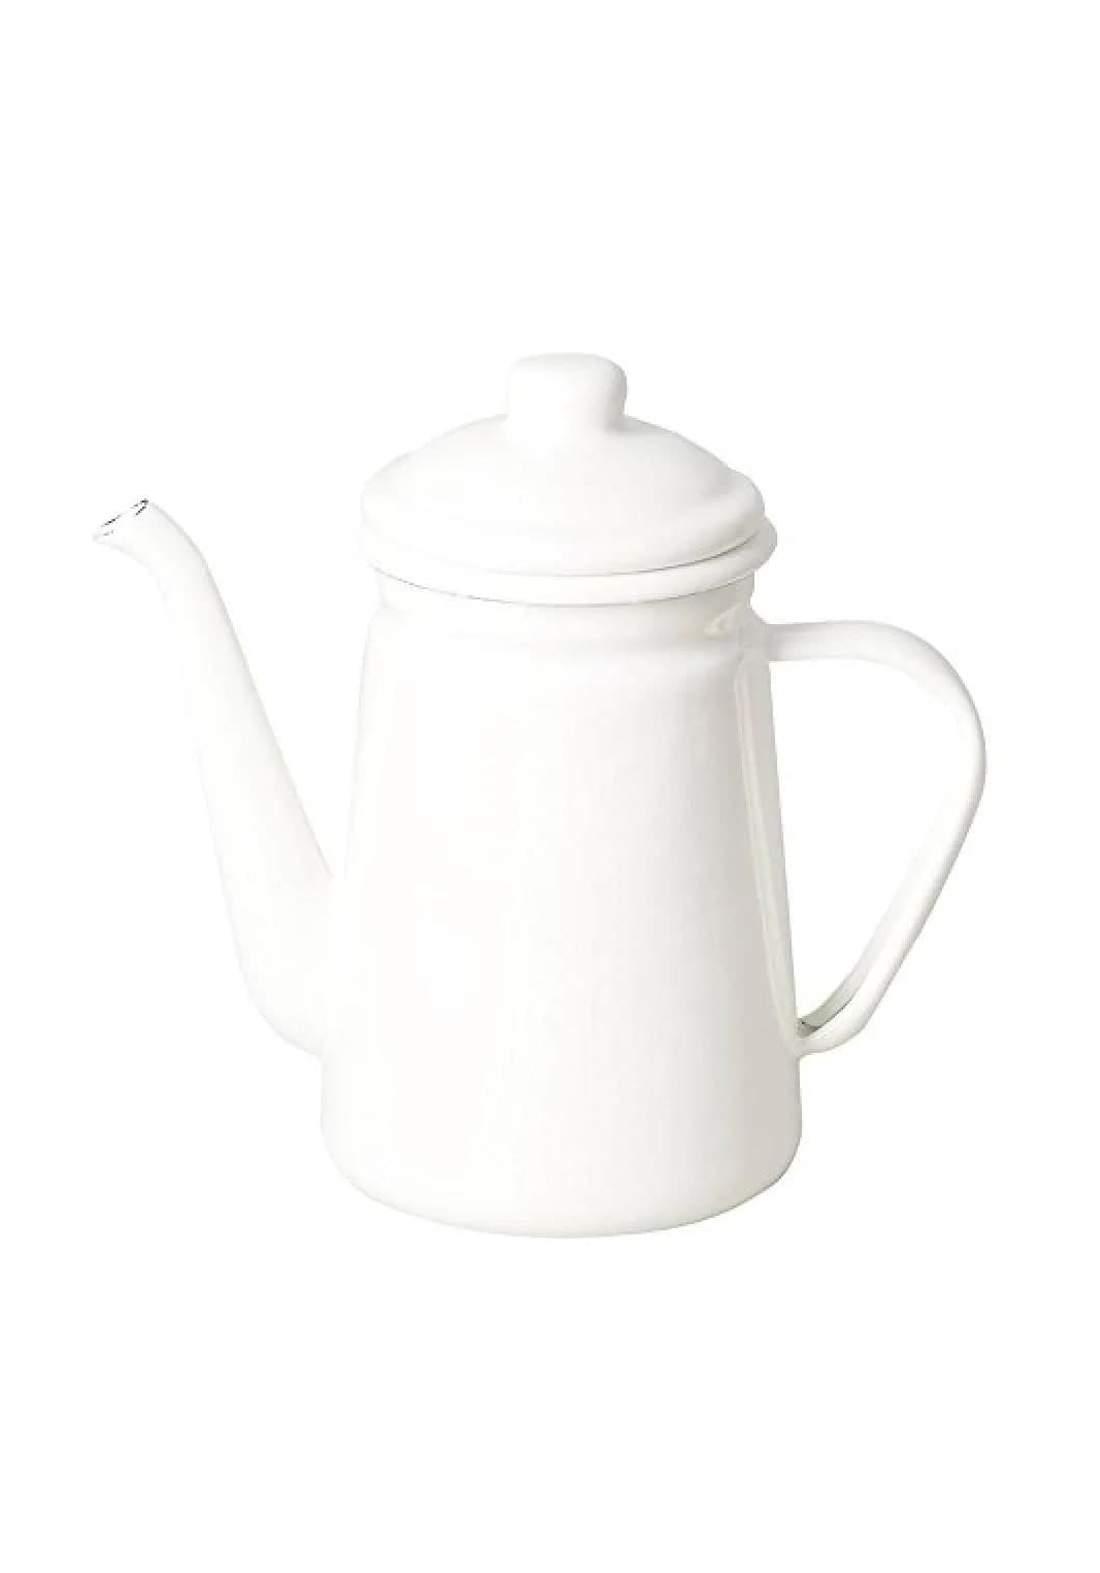 Pearl Metal HB-3681 Coffee drip pot 1.1L enamel blanc kitchen white دلة قهوة